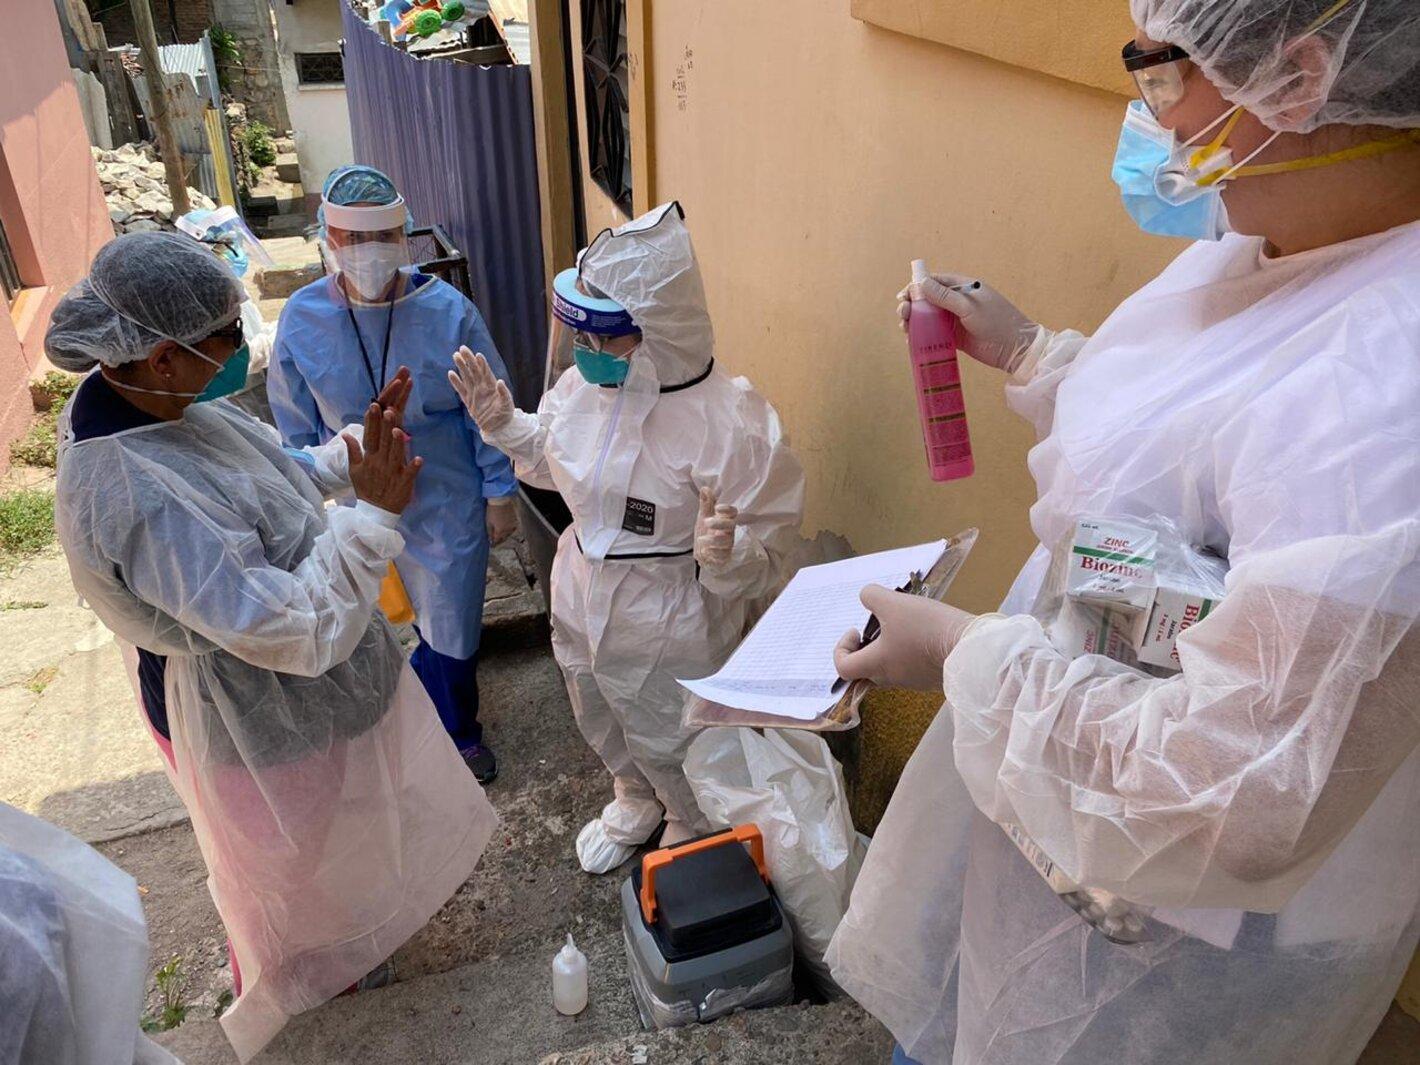 Coronavirus: Trabajadores sanitarios sufrieron más de 400 ataques violentos; Venezuela recibe 500.000 vacunas Sinopharm